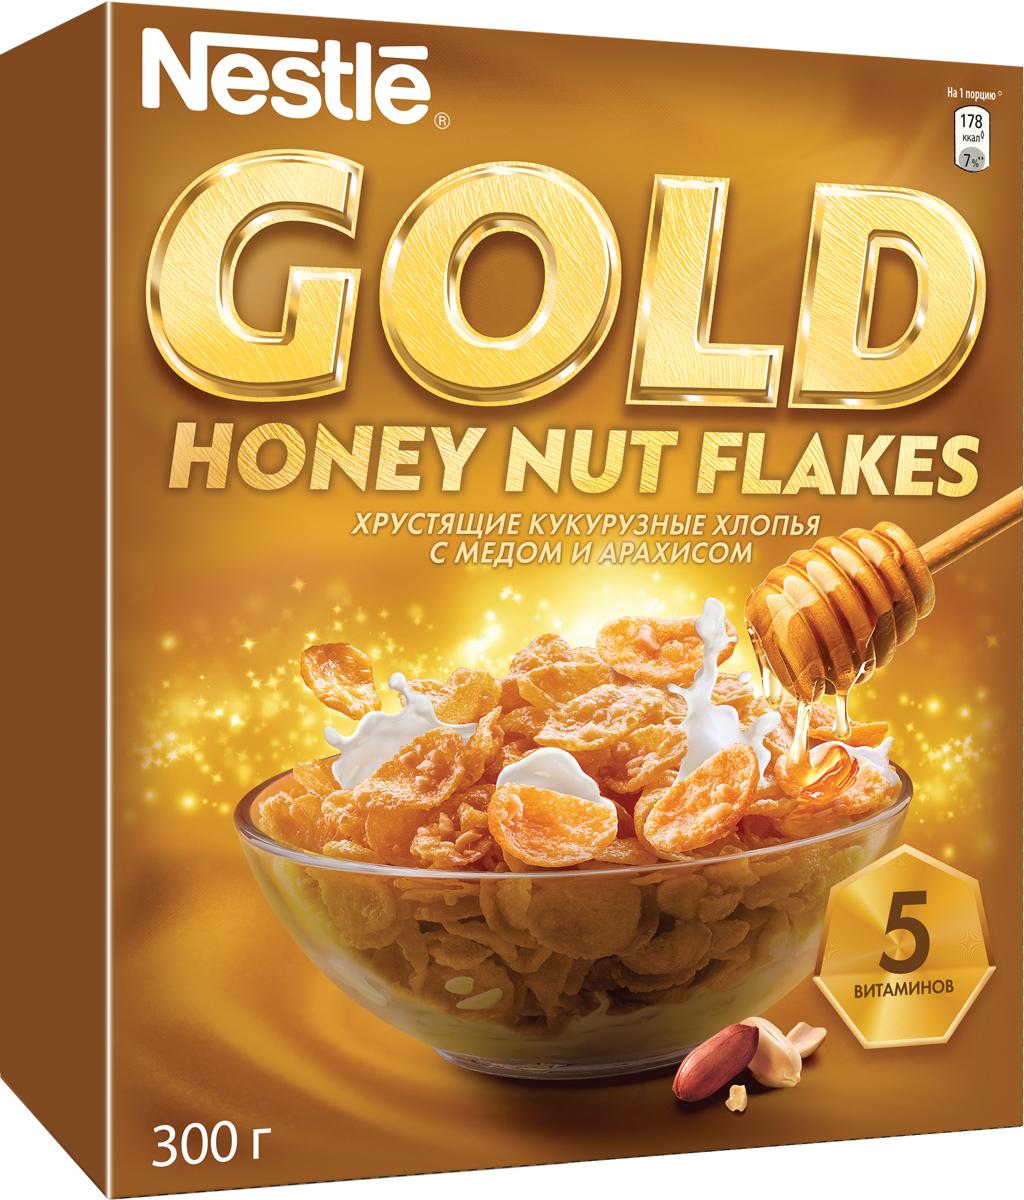 Фото - Nestle Gold Honey Nut Flakes готовый завтрак, 300 г nestle fitness хлопья из цельной пшеницы готовый завтрак 250 г пакет